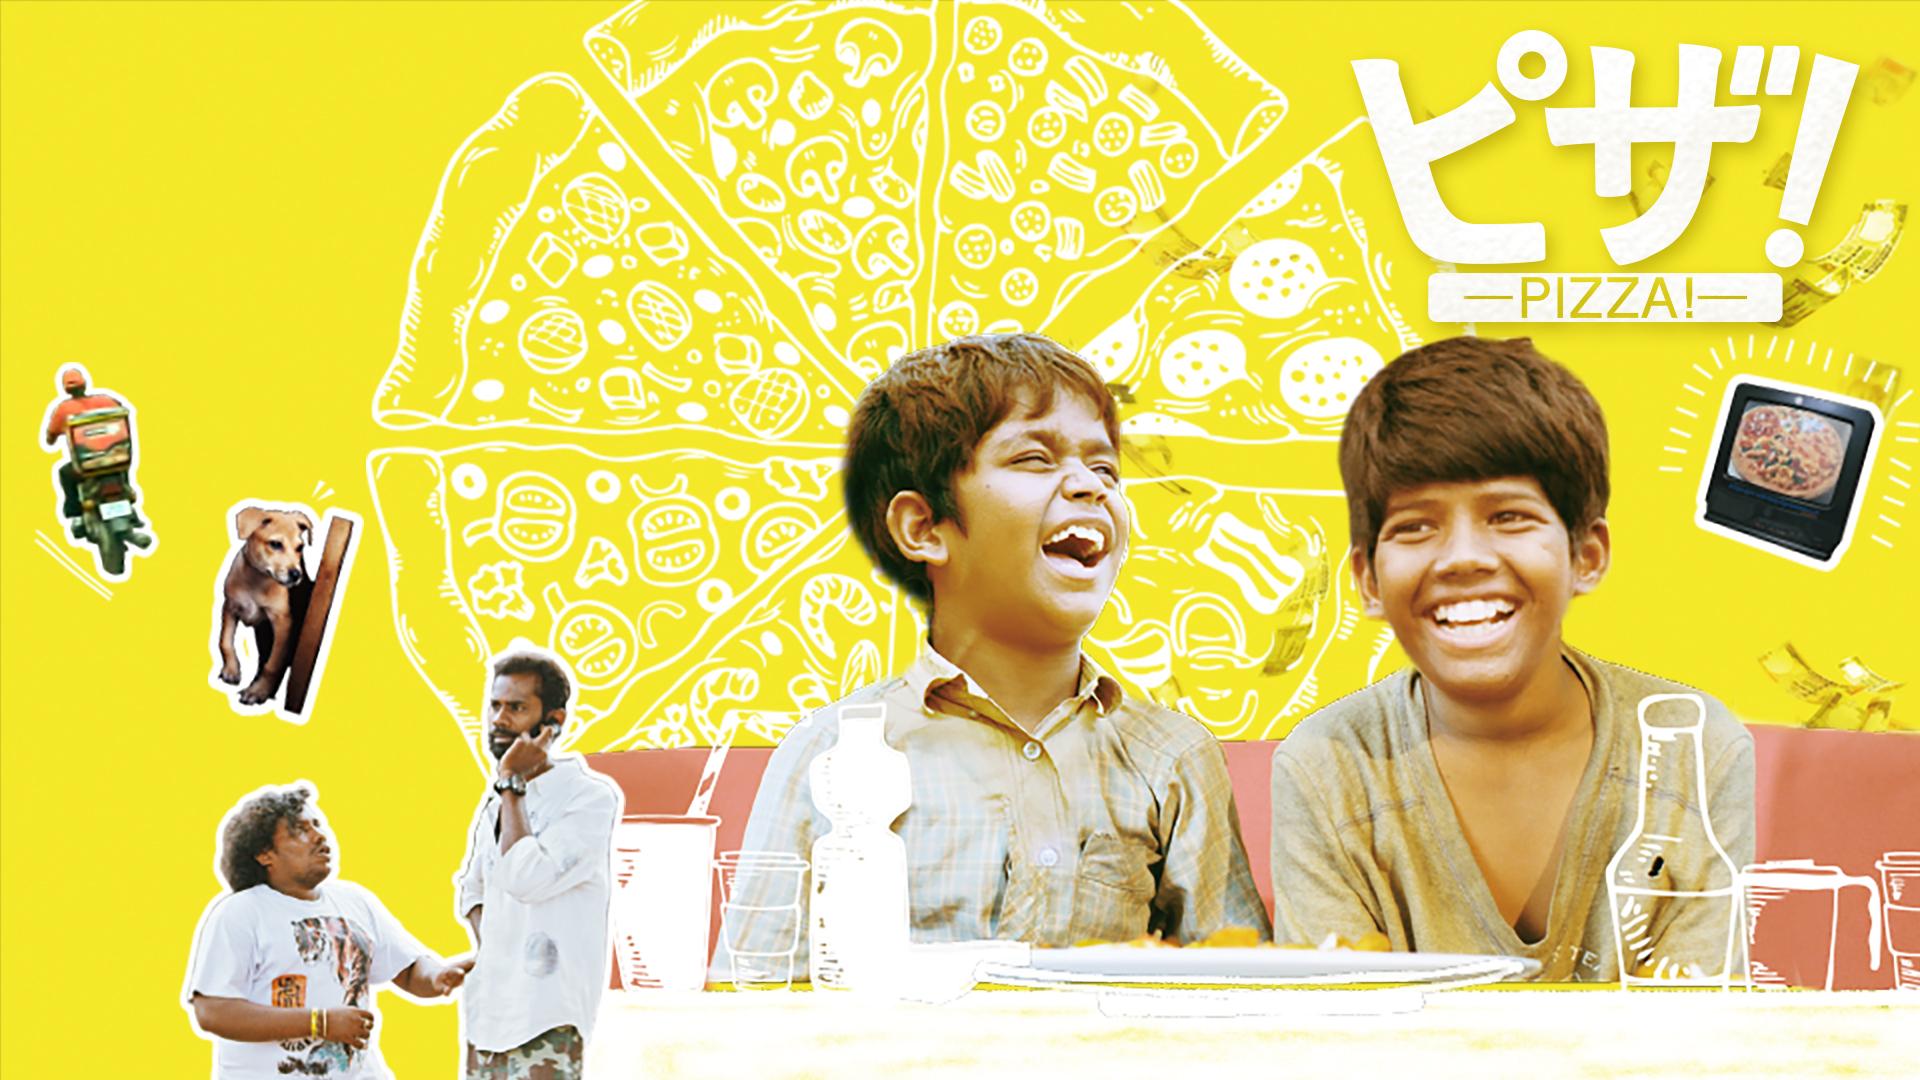 14 歳 少年 インド の